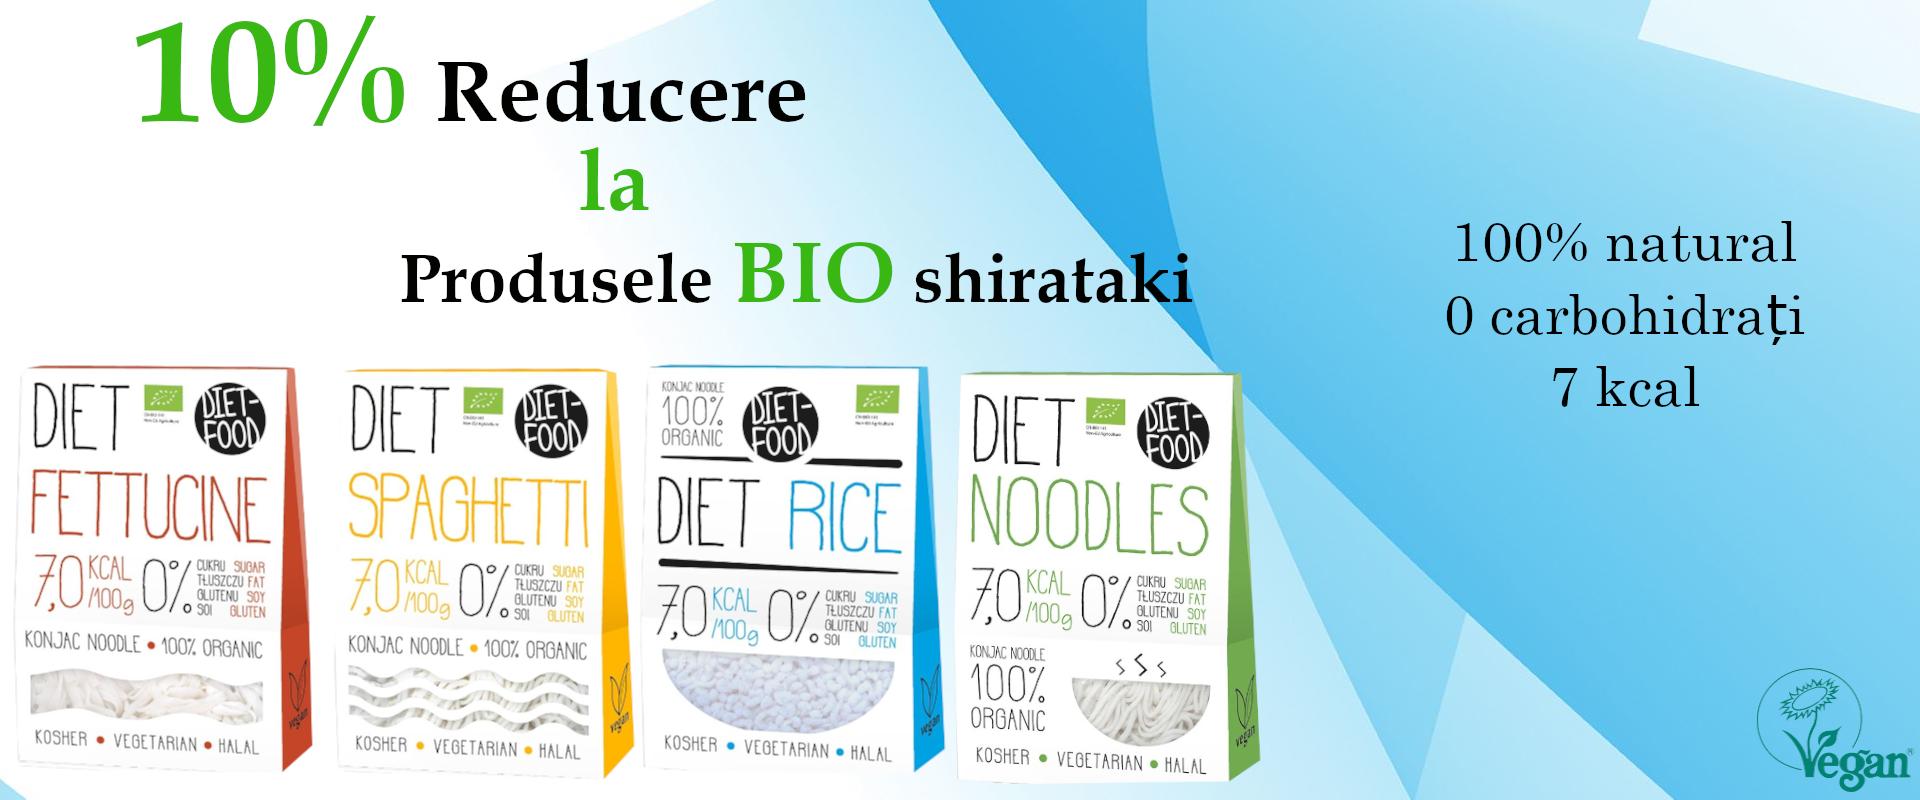 Reducere 10% La Shirataki